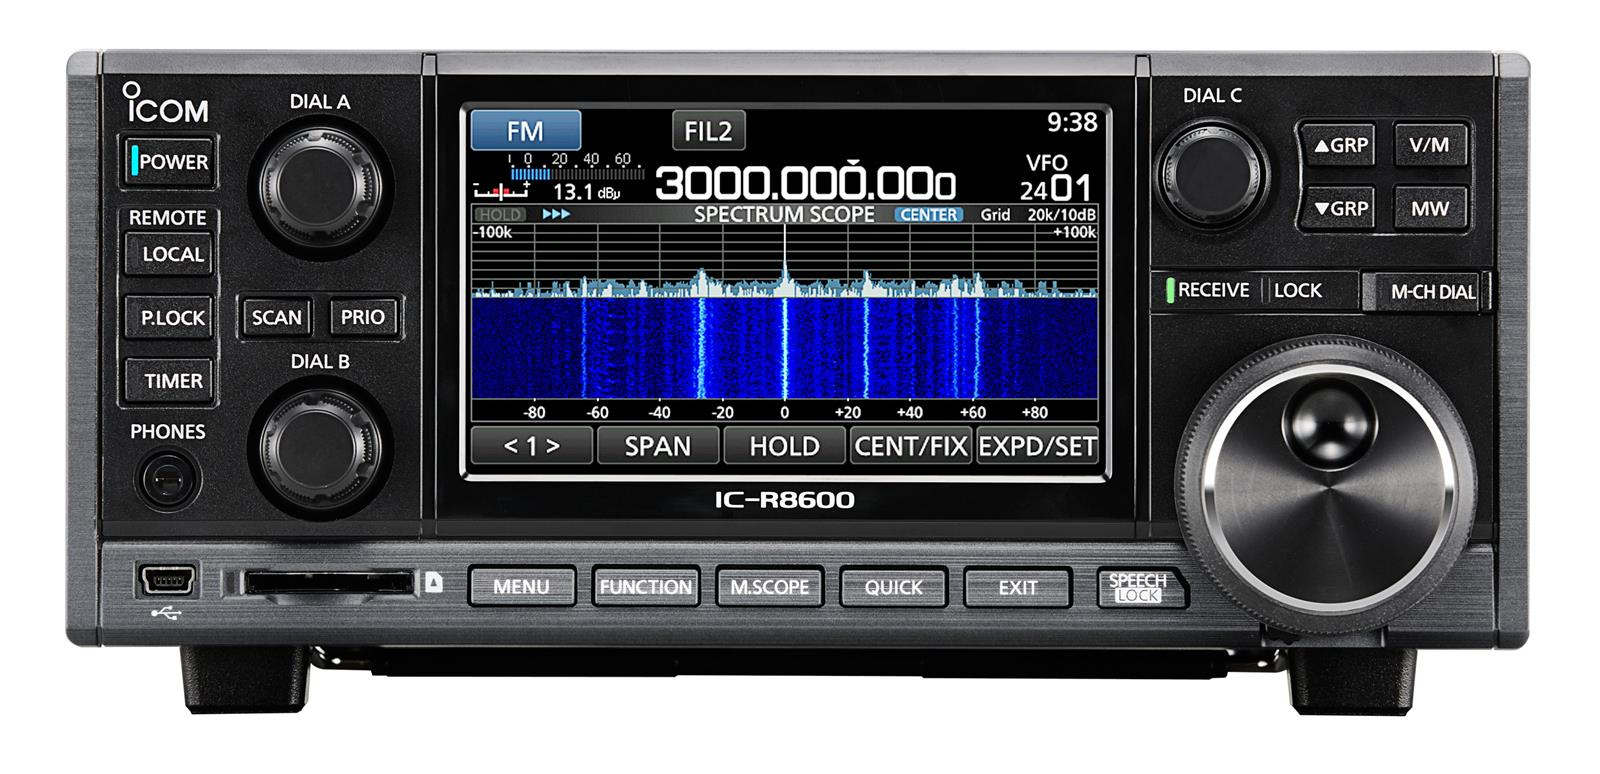 ICOM IC-R8600 Communications Receivers R8600 02